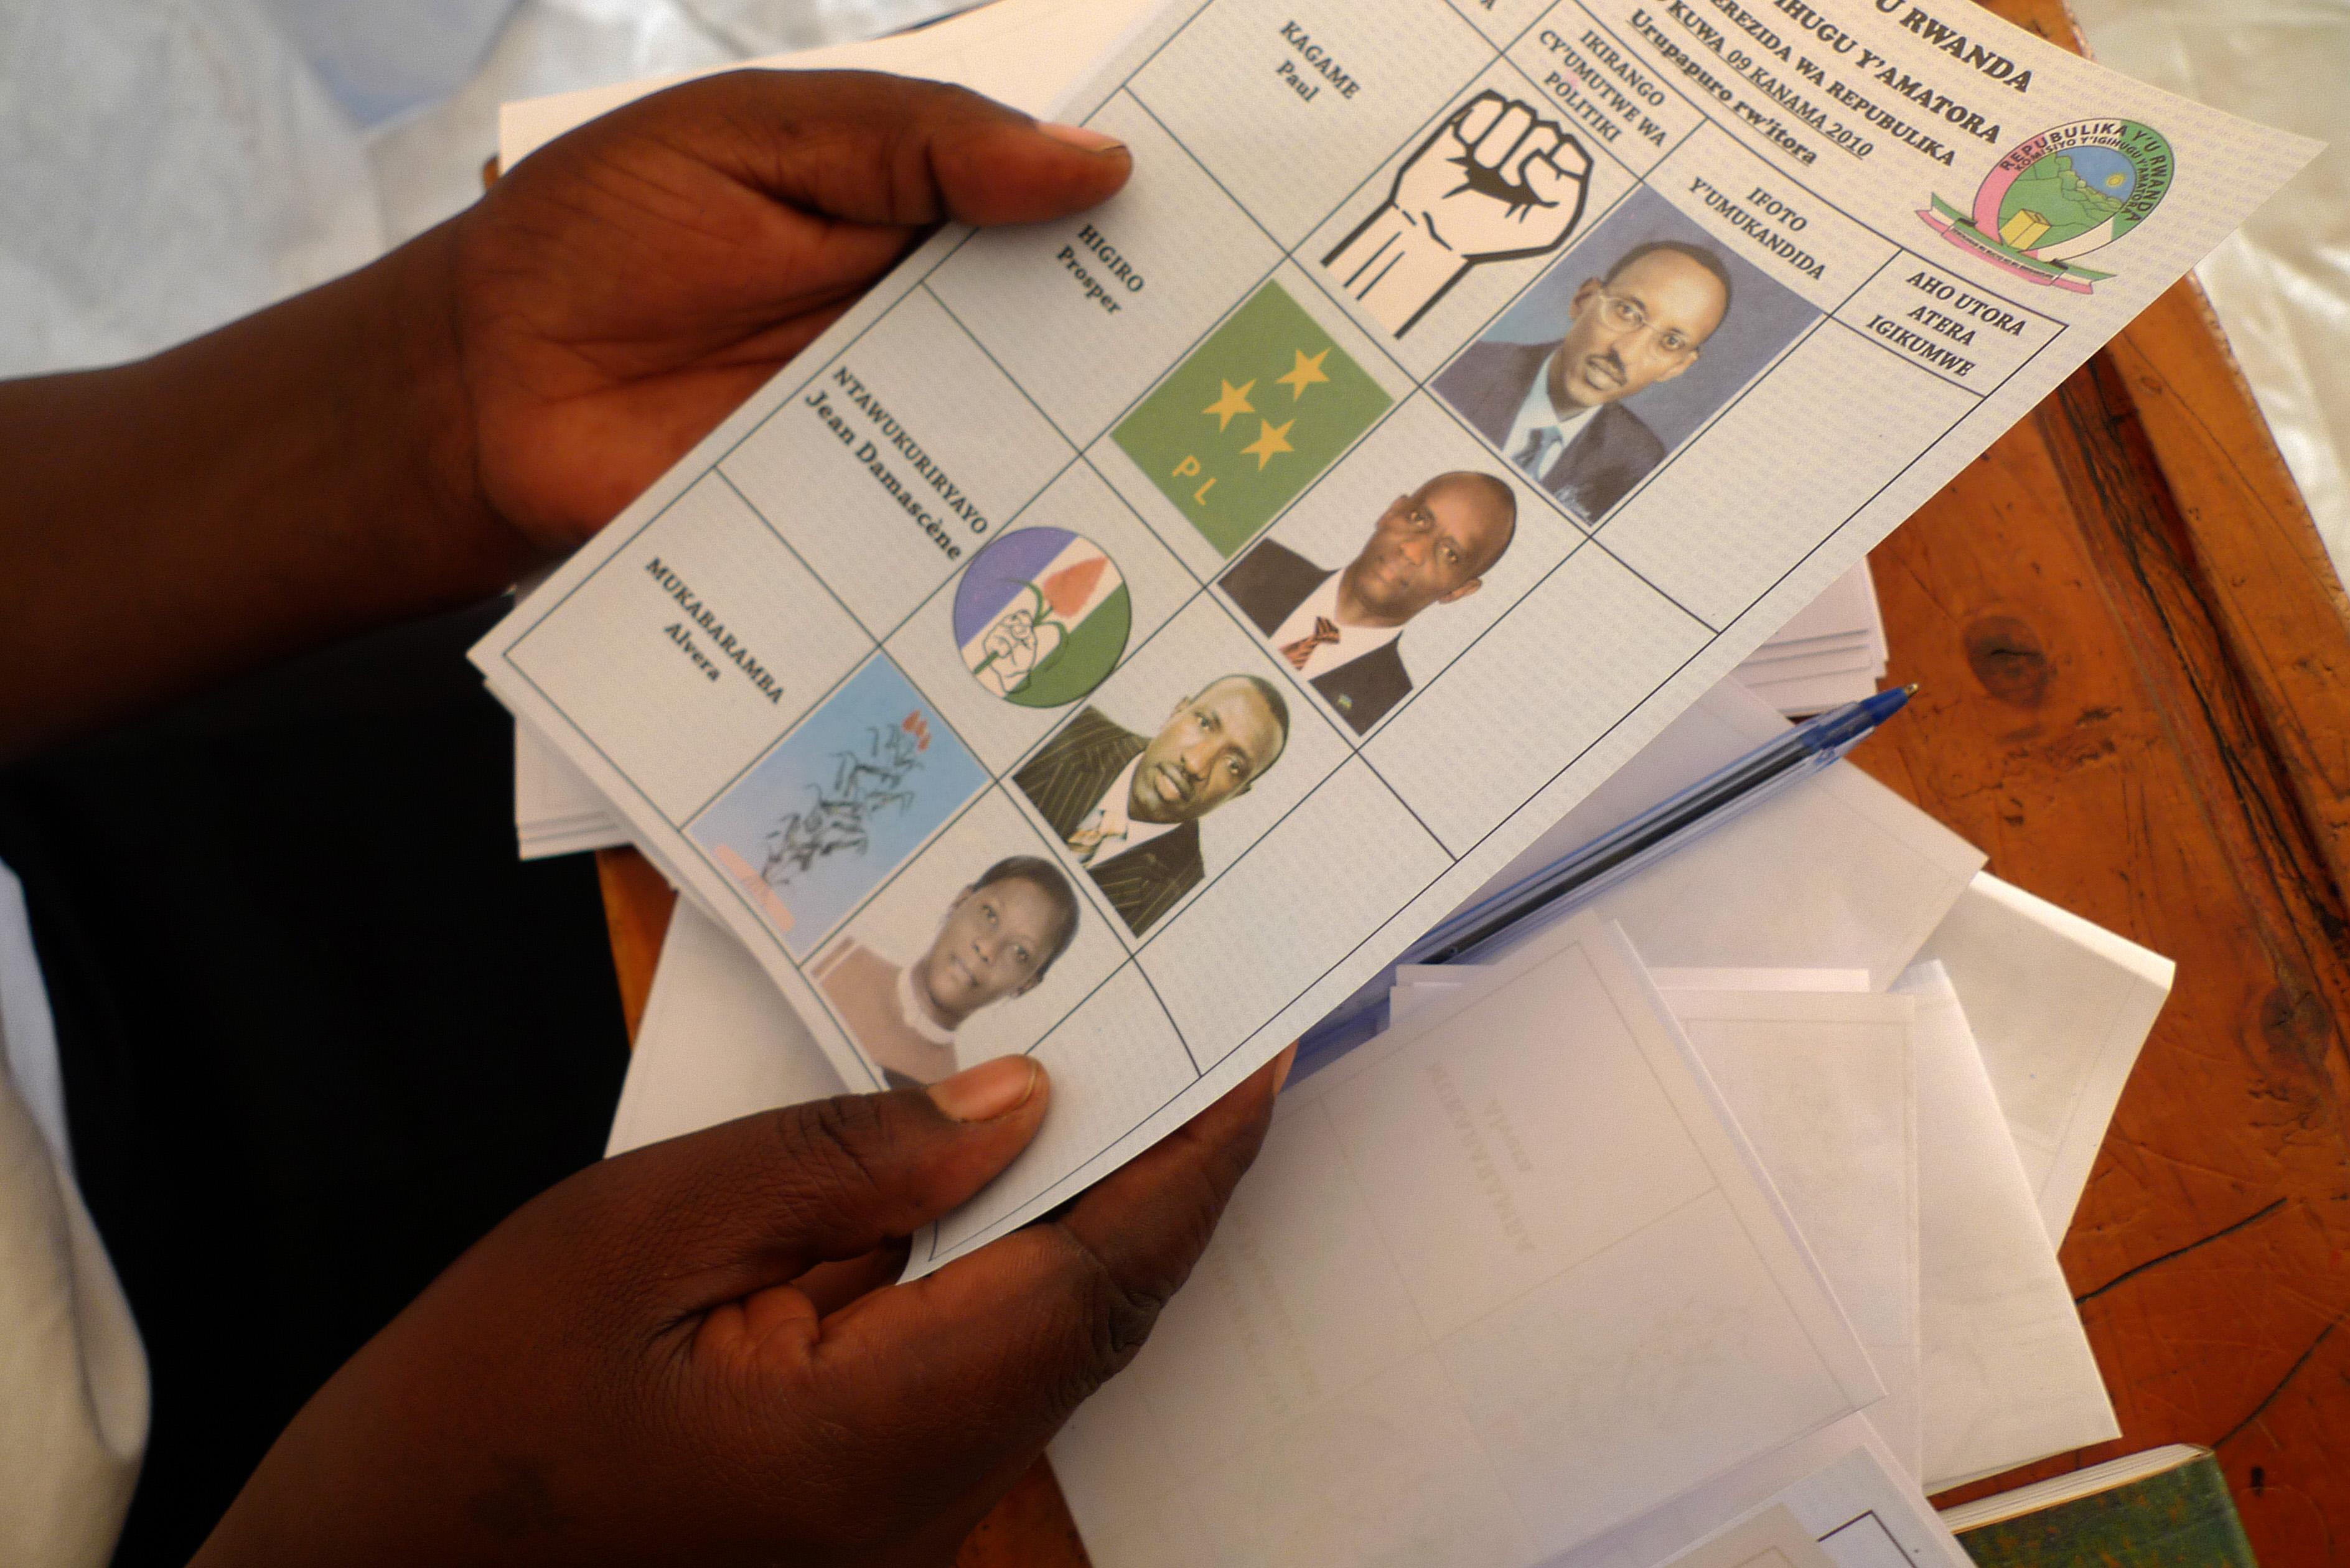 Bulletin de vote lors de l'élection présidentielle 2010